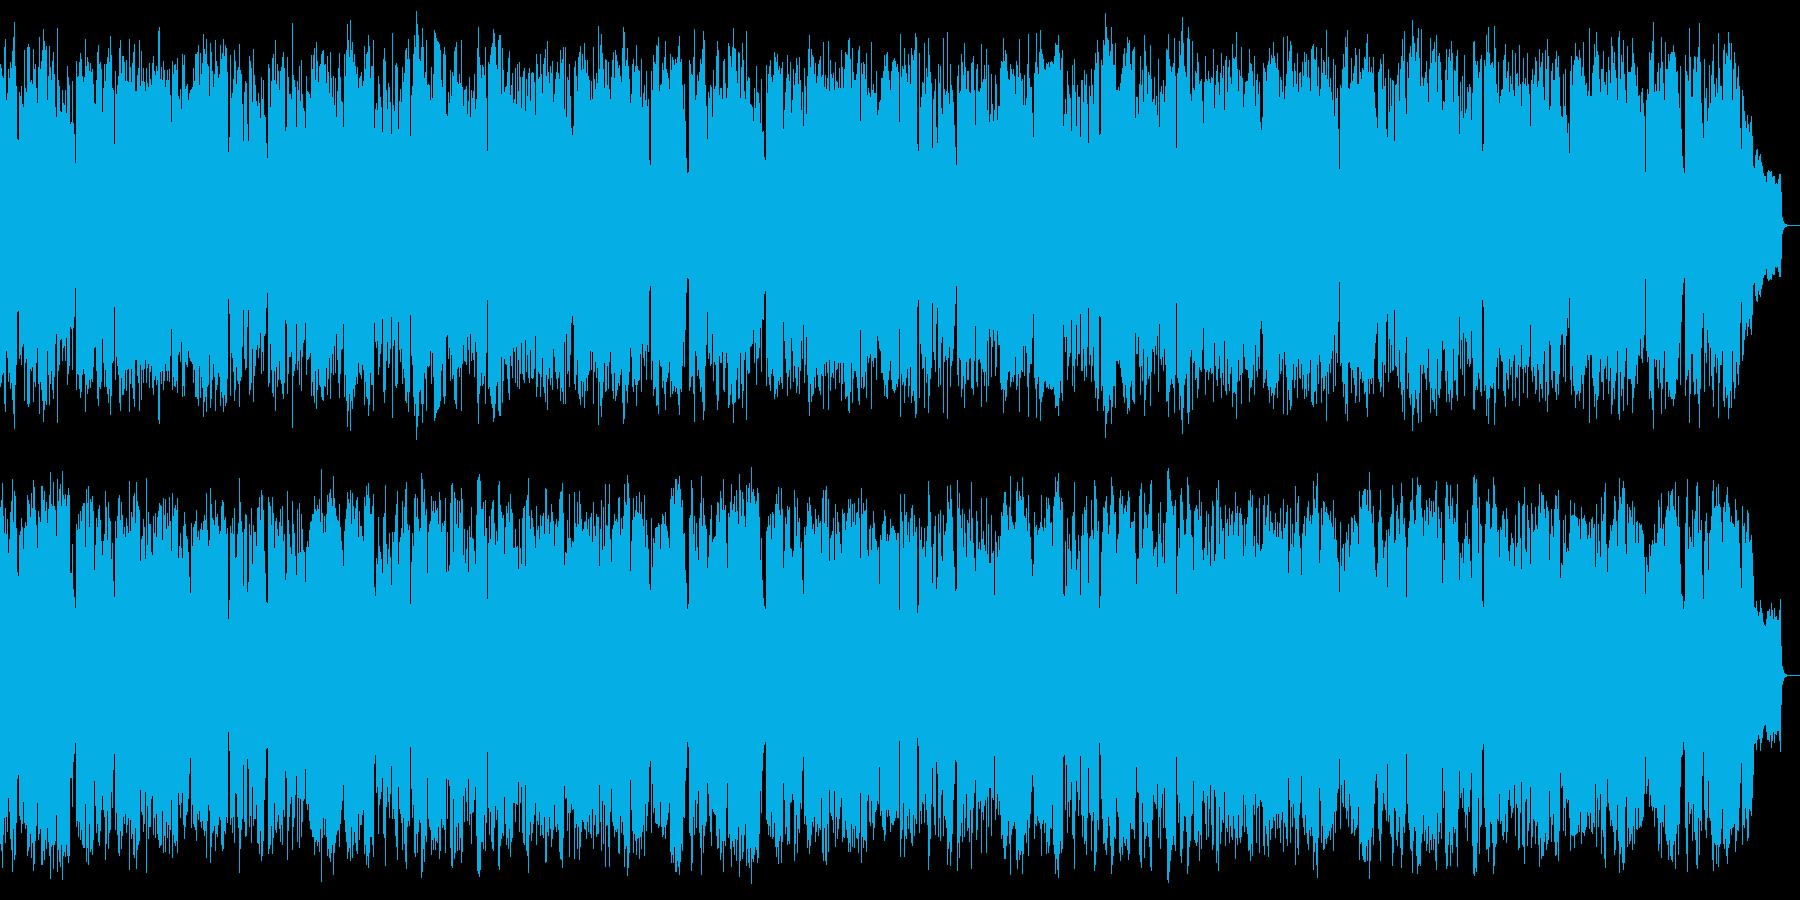 切なくて優しいバラードをサックスが奏でるの再生済みの波形